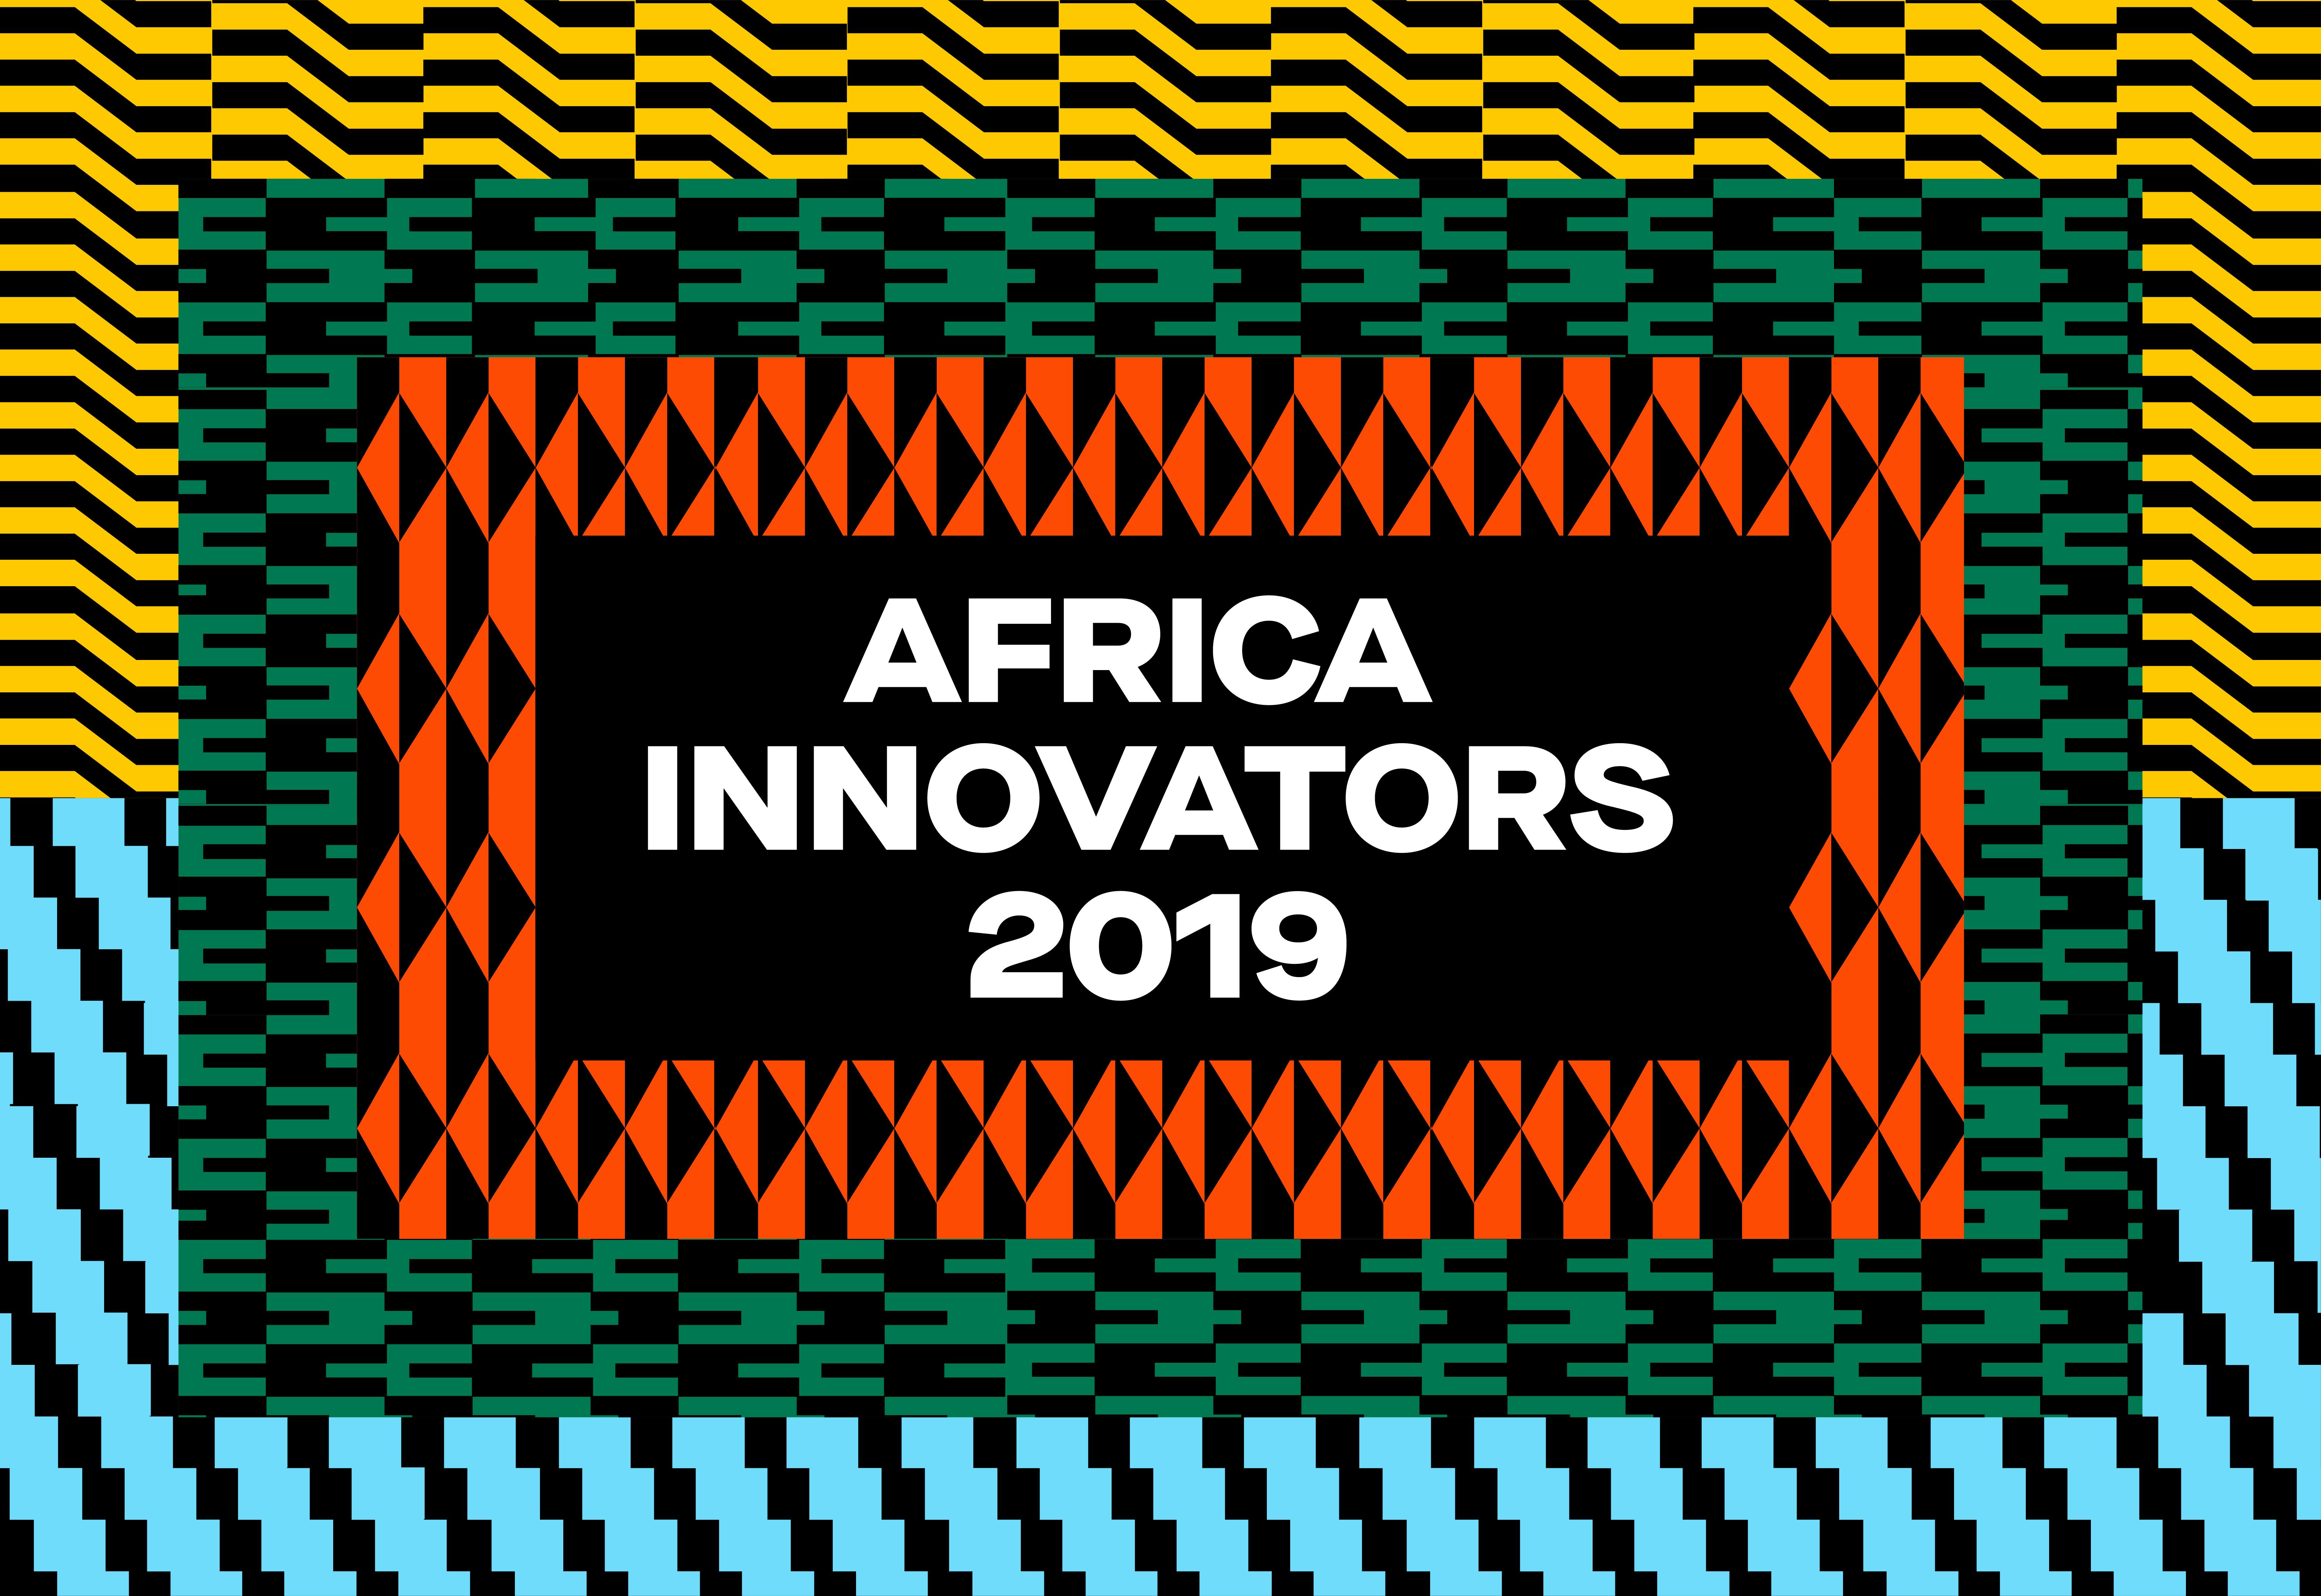 Quartz Africa Innovators 2019